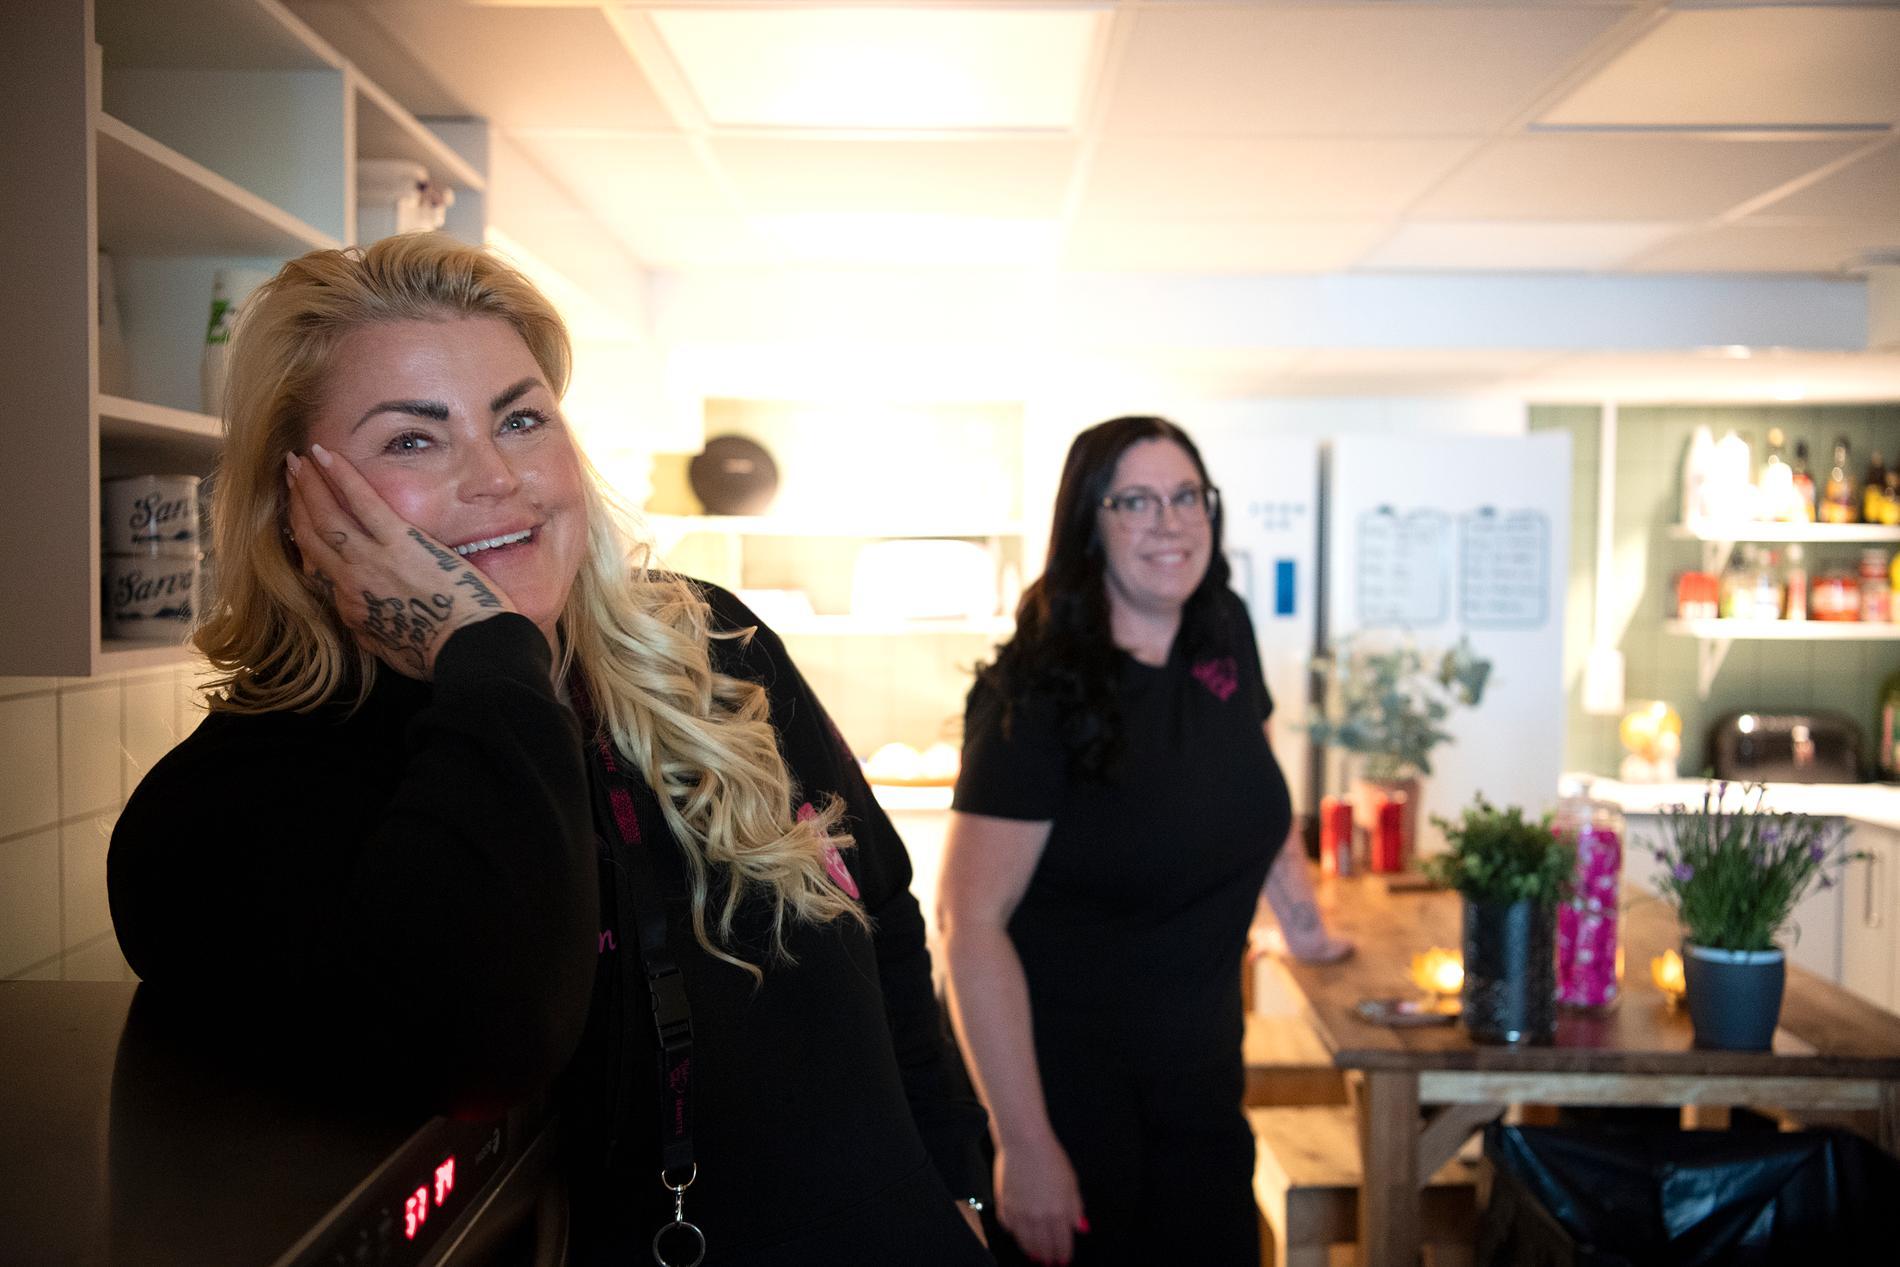 – Vi har nästan alltid väldigt roligt här på gården, säger Jeanette Höglund. Med henne i gårdens kök står Linn Karlsson som varit volontär för Vid din sida sedan år 2020. I februari kunde hon börja jobba för organisationen. Tillsammanns med Jeanette samordnar hon volontärer och bemannar fritidsgården.